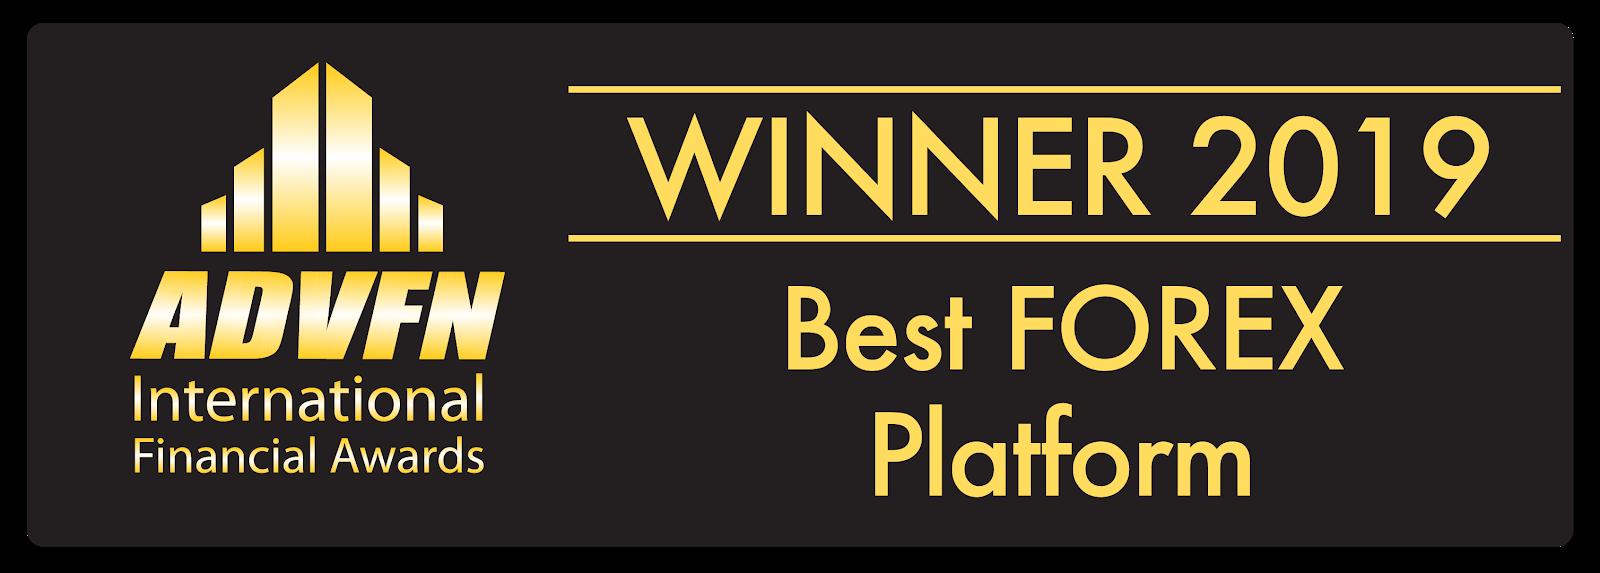 Best Forex Platform